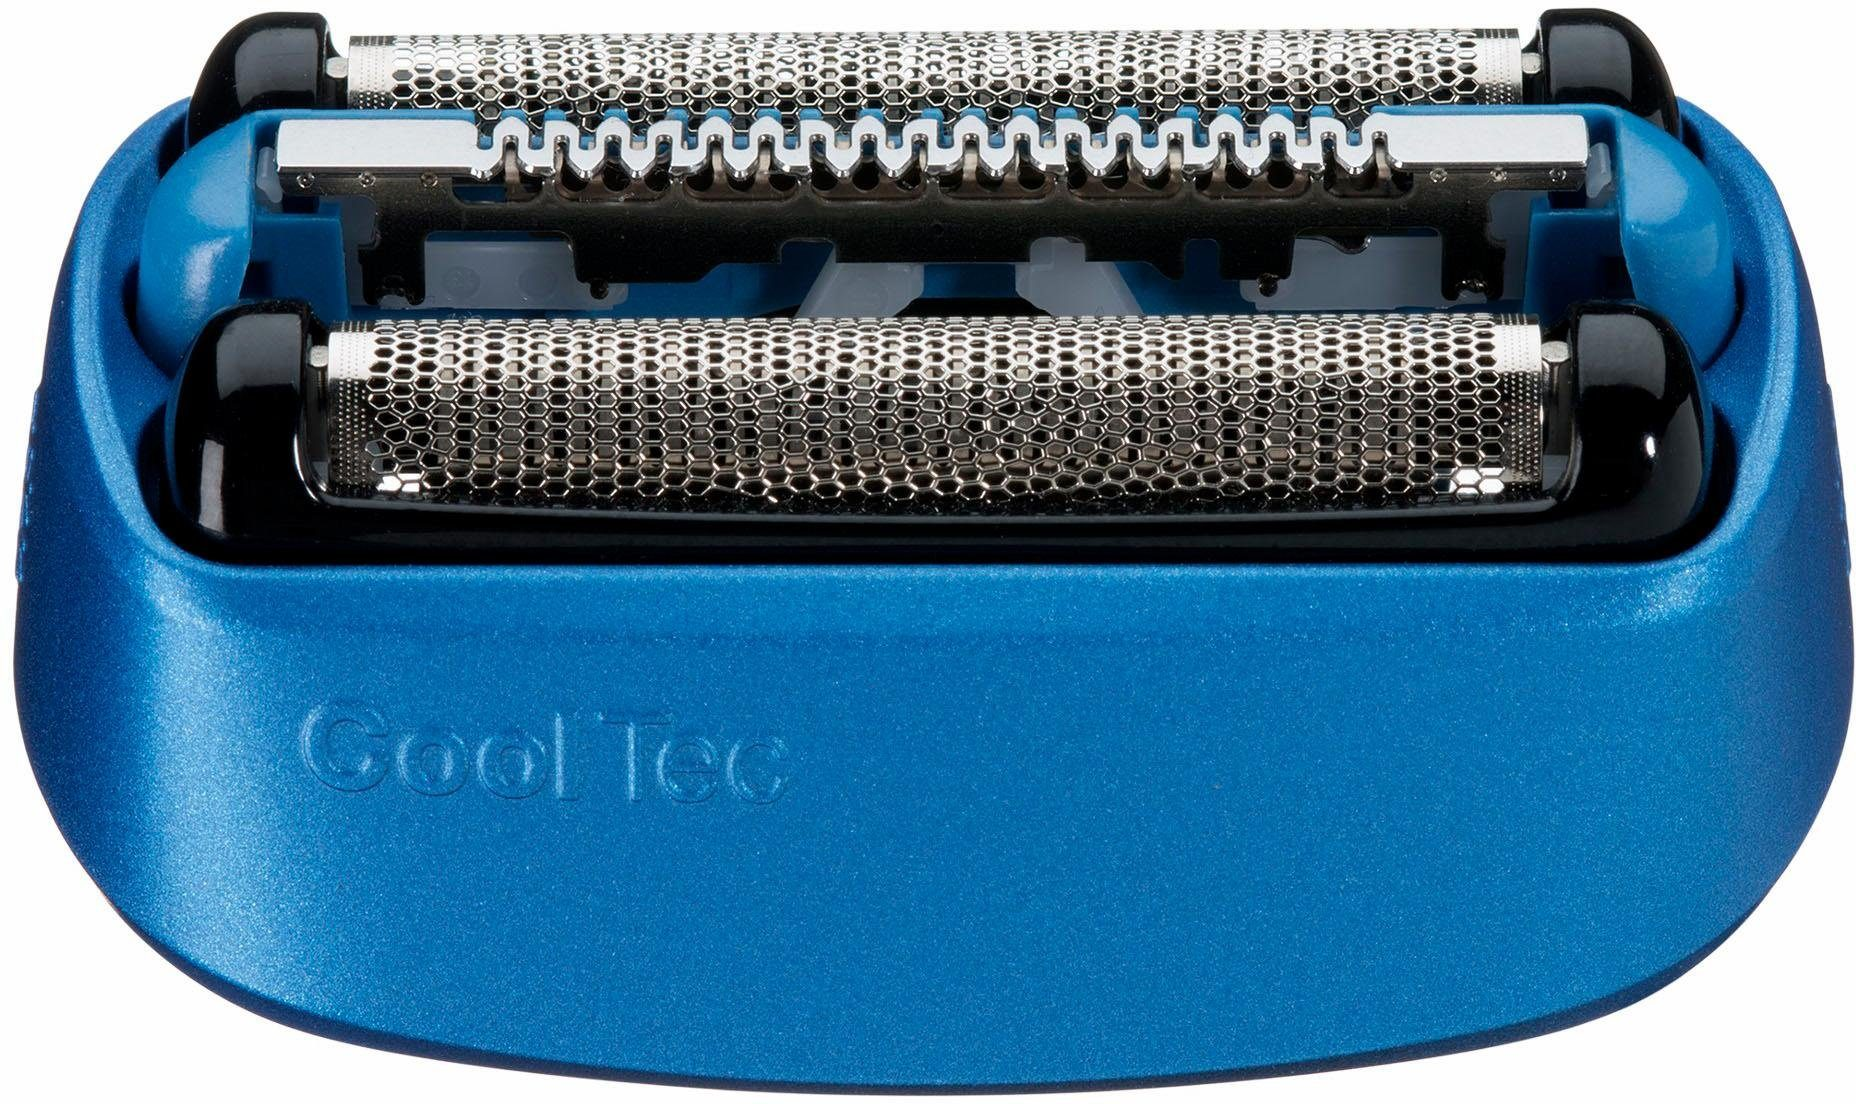 Braun Ersatzscherteil CoolTec 40 B Blau